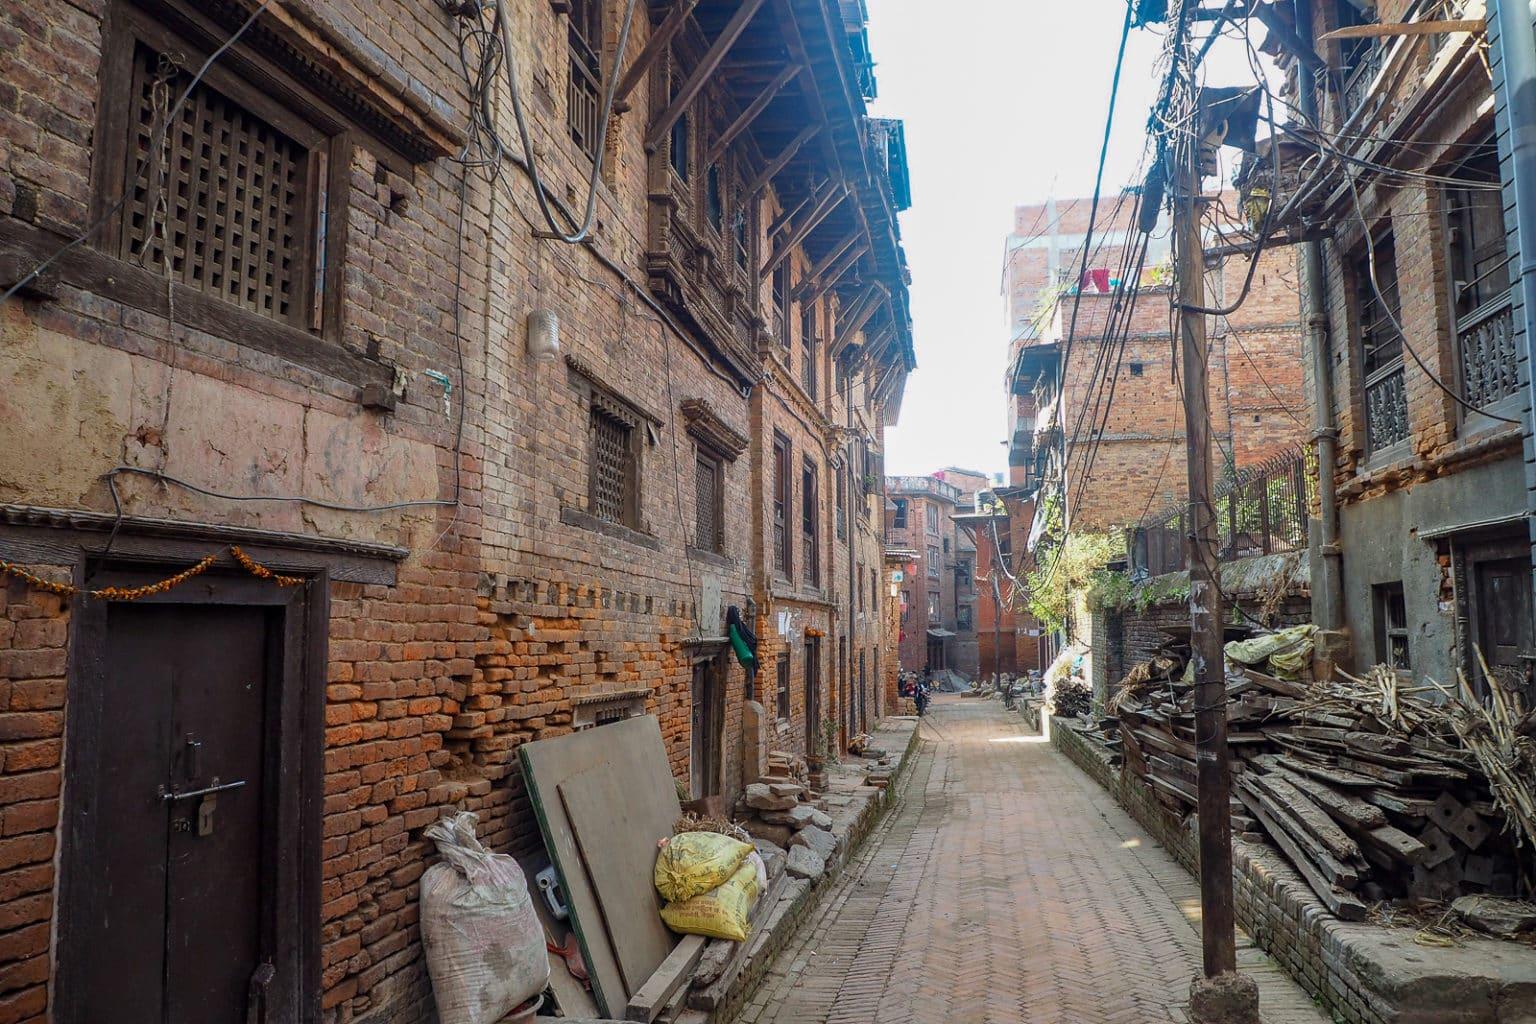 Zwykla ulica w Bhaktapurze